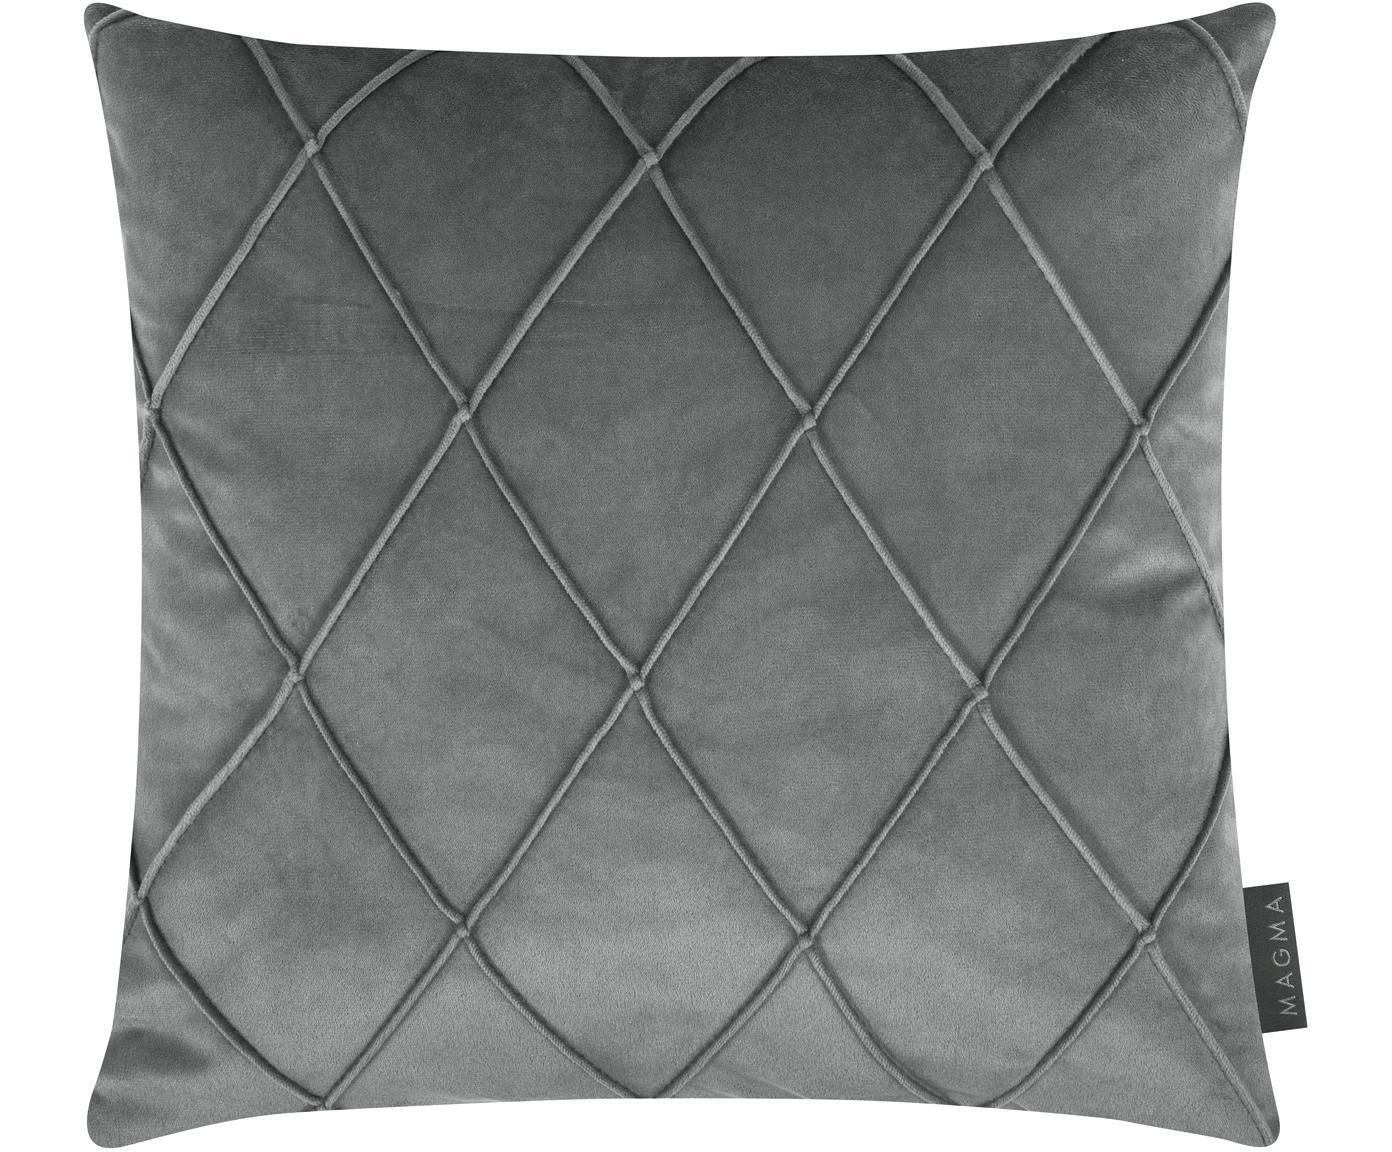 Fluwelen kussenhoes Nobless met verhoogd ruitjesmotief, Polyester fluweel, Grijs, 40 x 40 cm